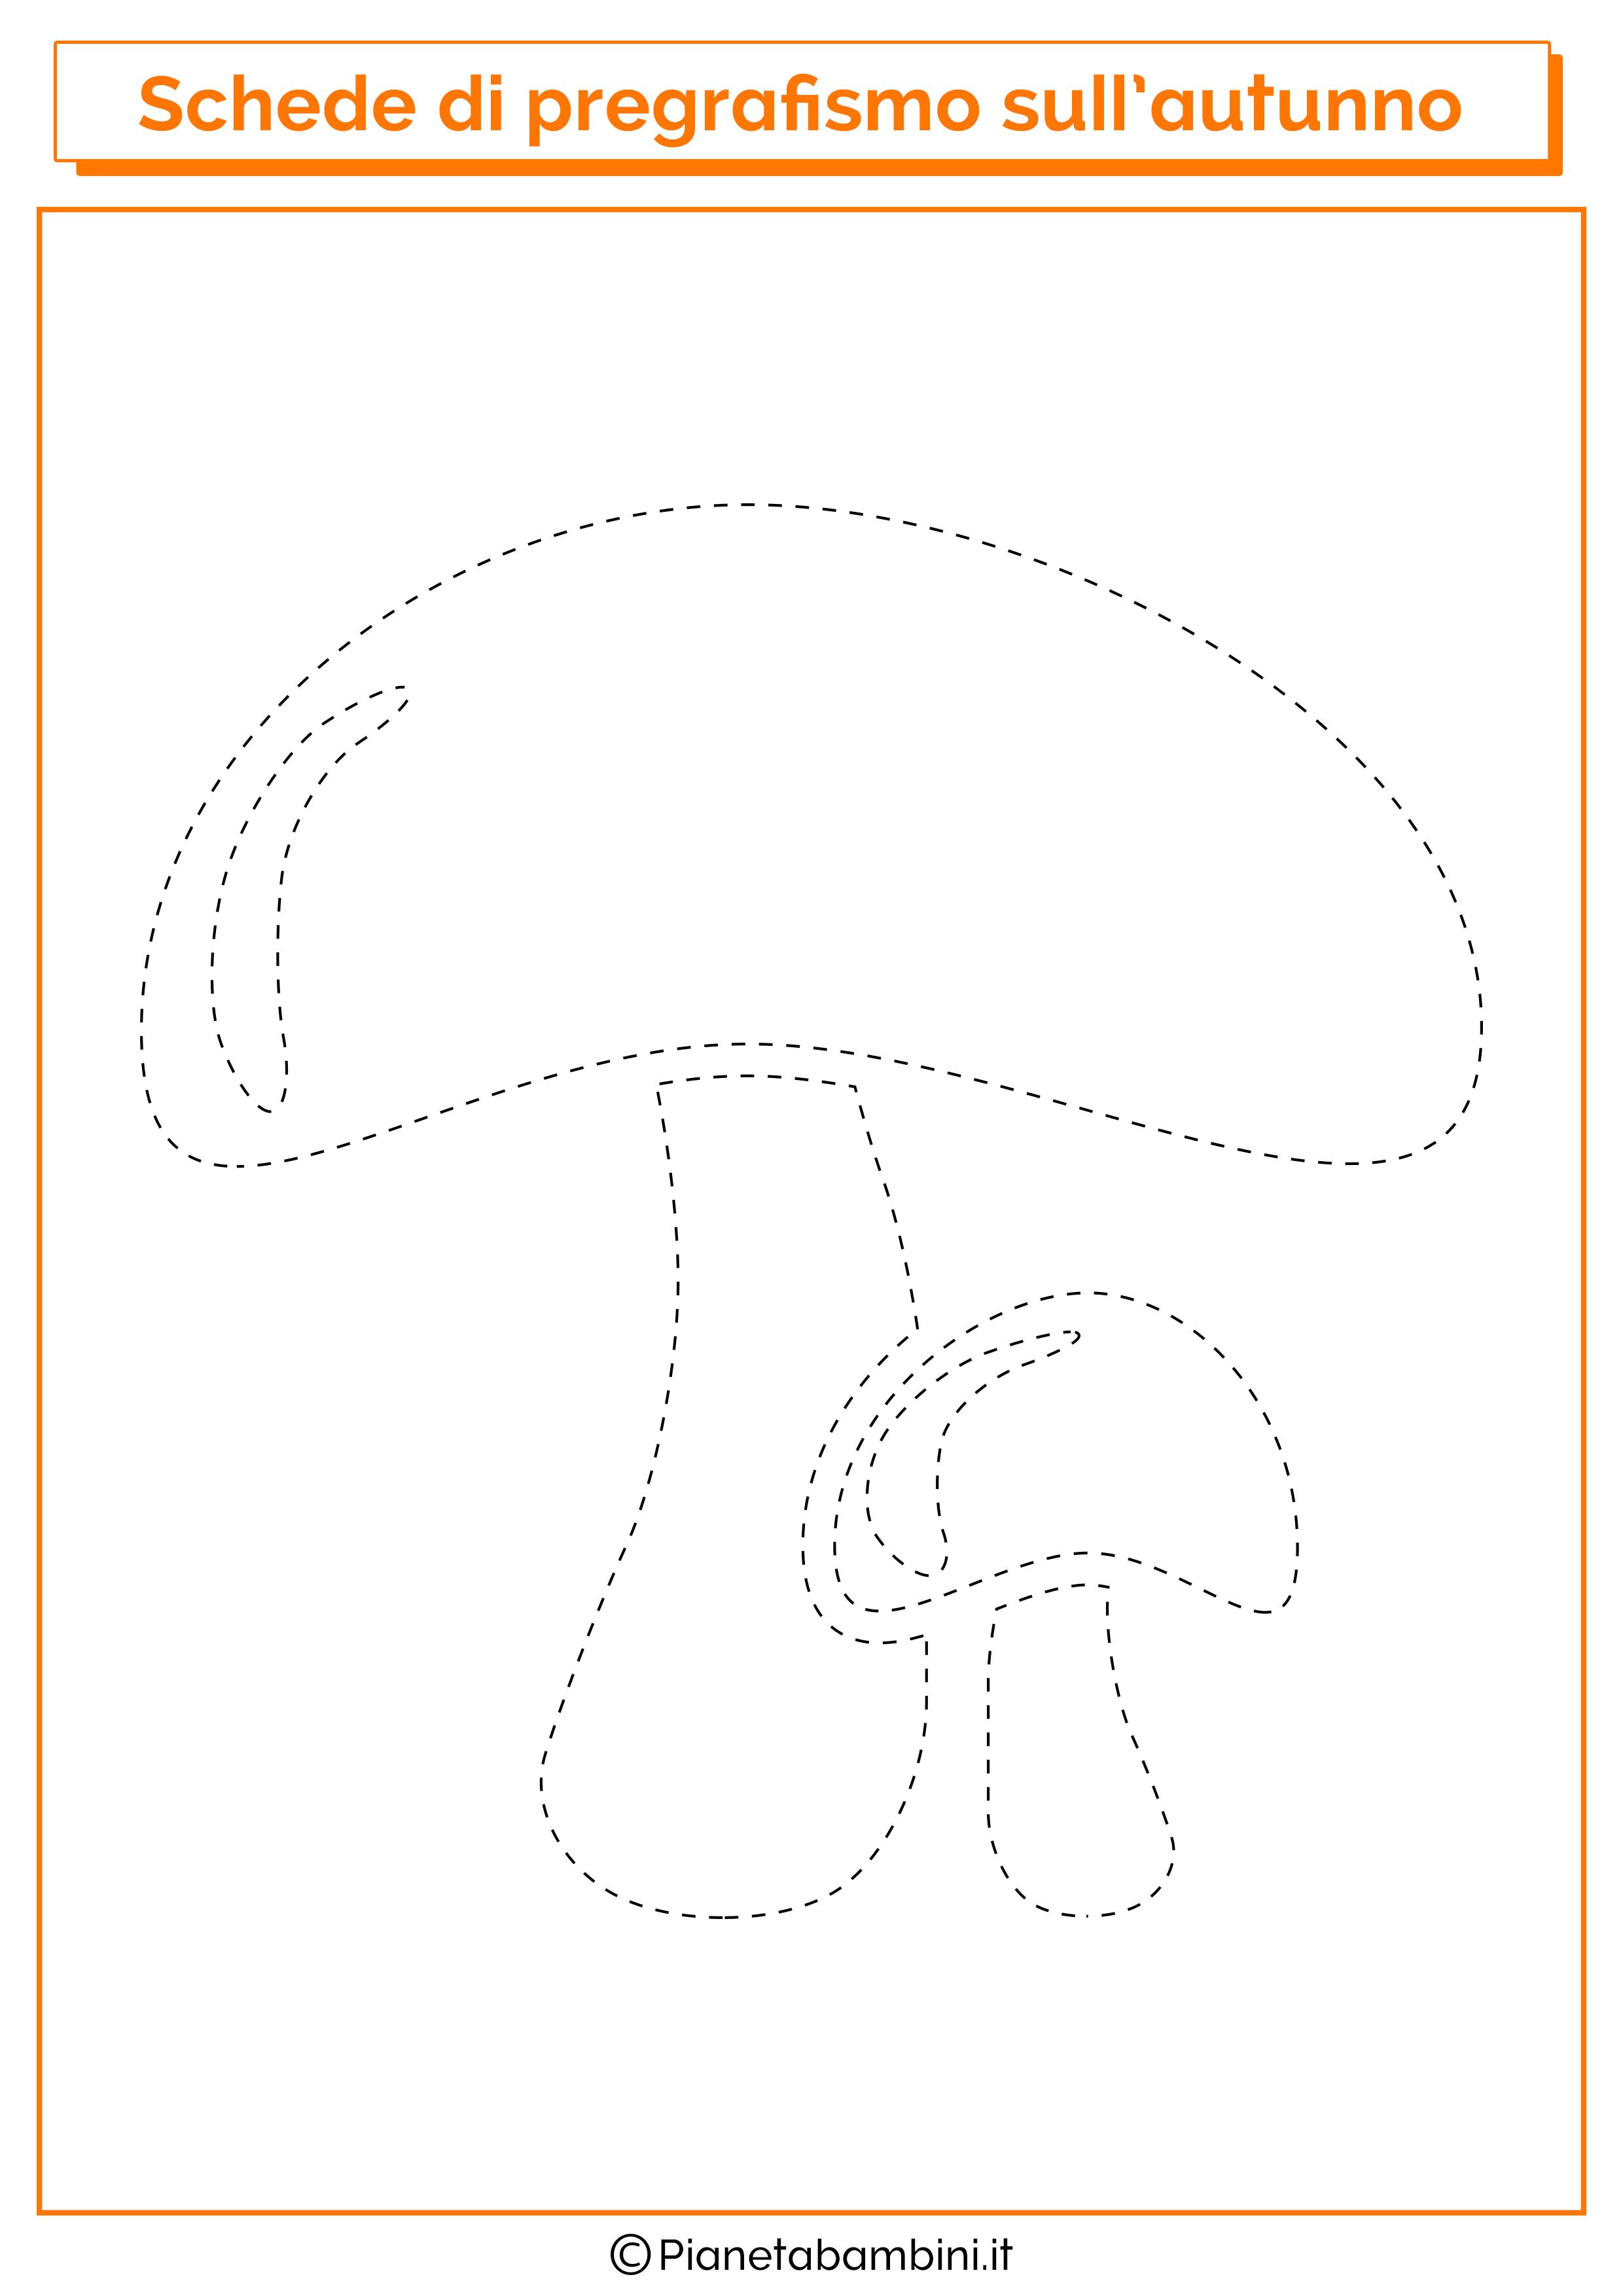 Scheda pregrafismo autunno funghi